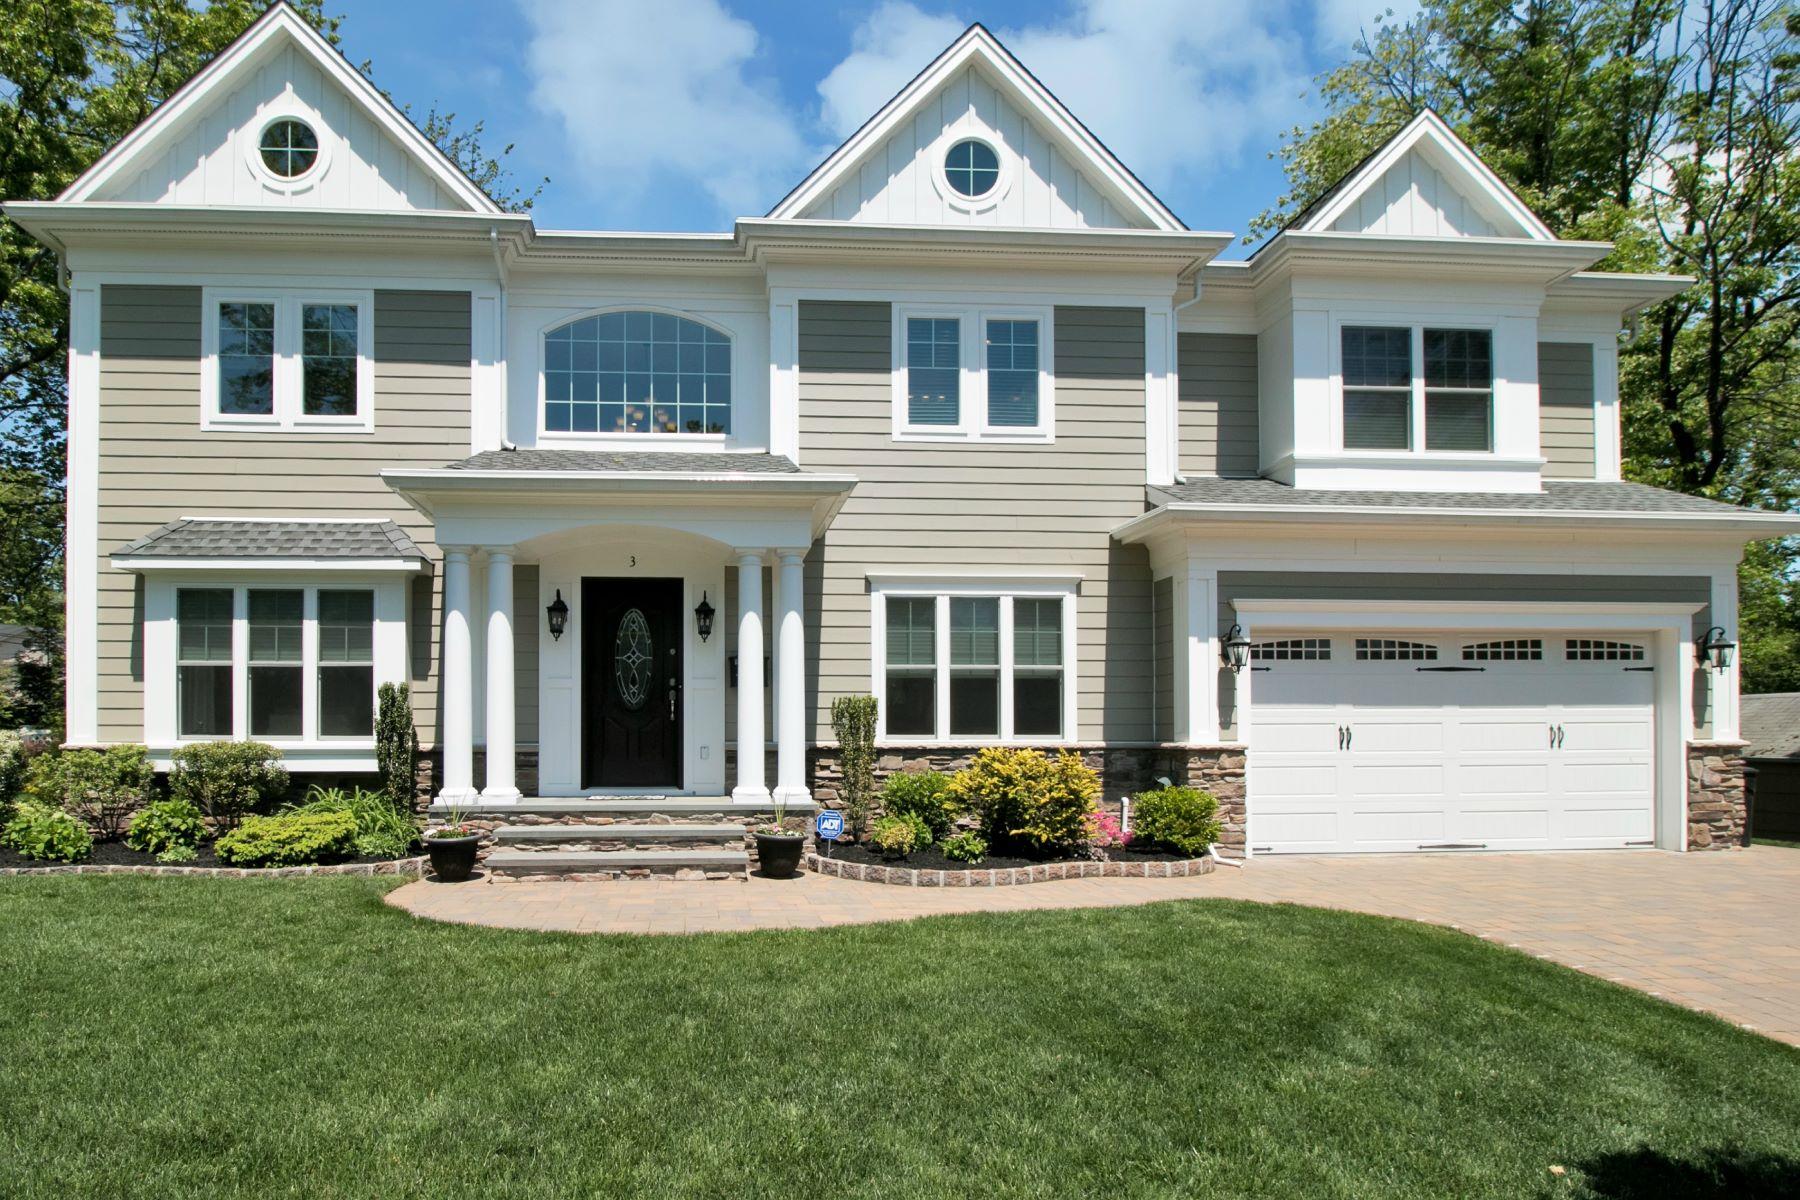 Maison unifamiliale pour l Vente à Lovely Demarest Home! 3 Heatherhill Road Demarest, New Jersey, 07627 États-Unis